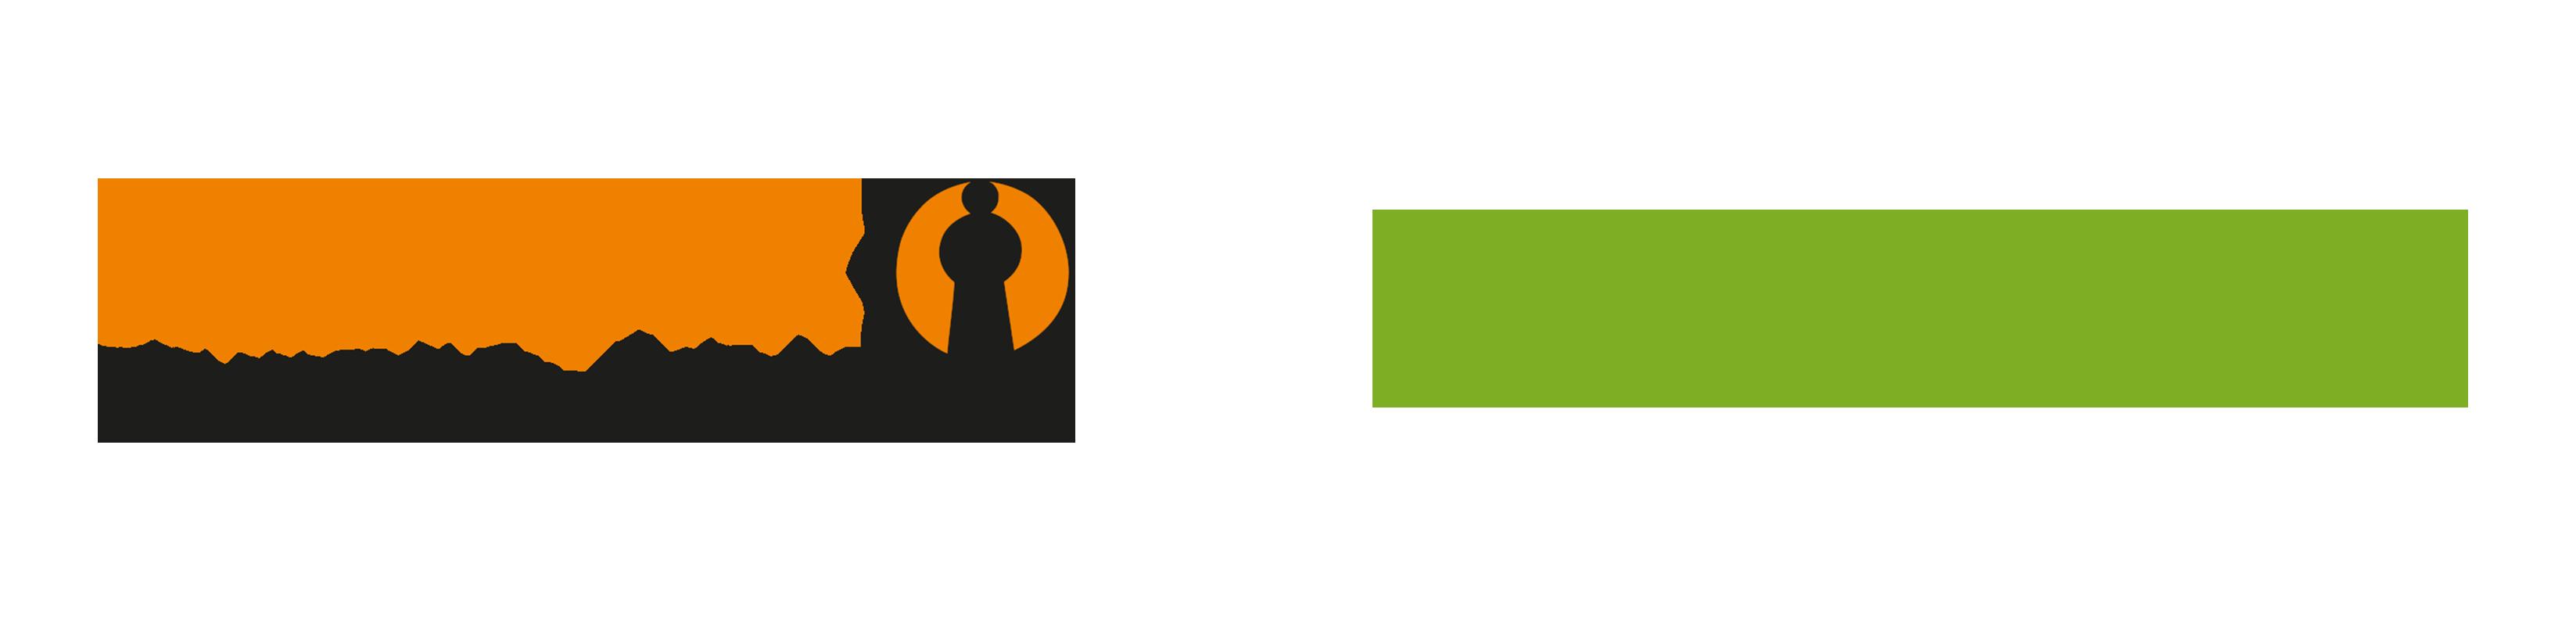 Künstlergruppe Tausendgrün